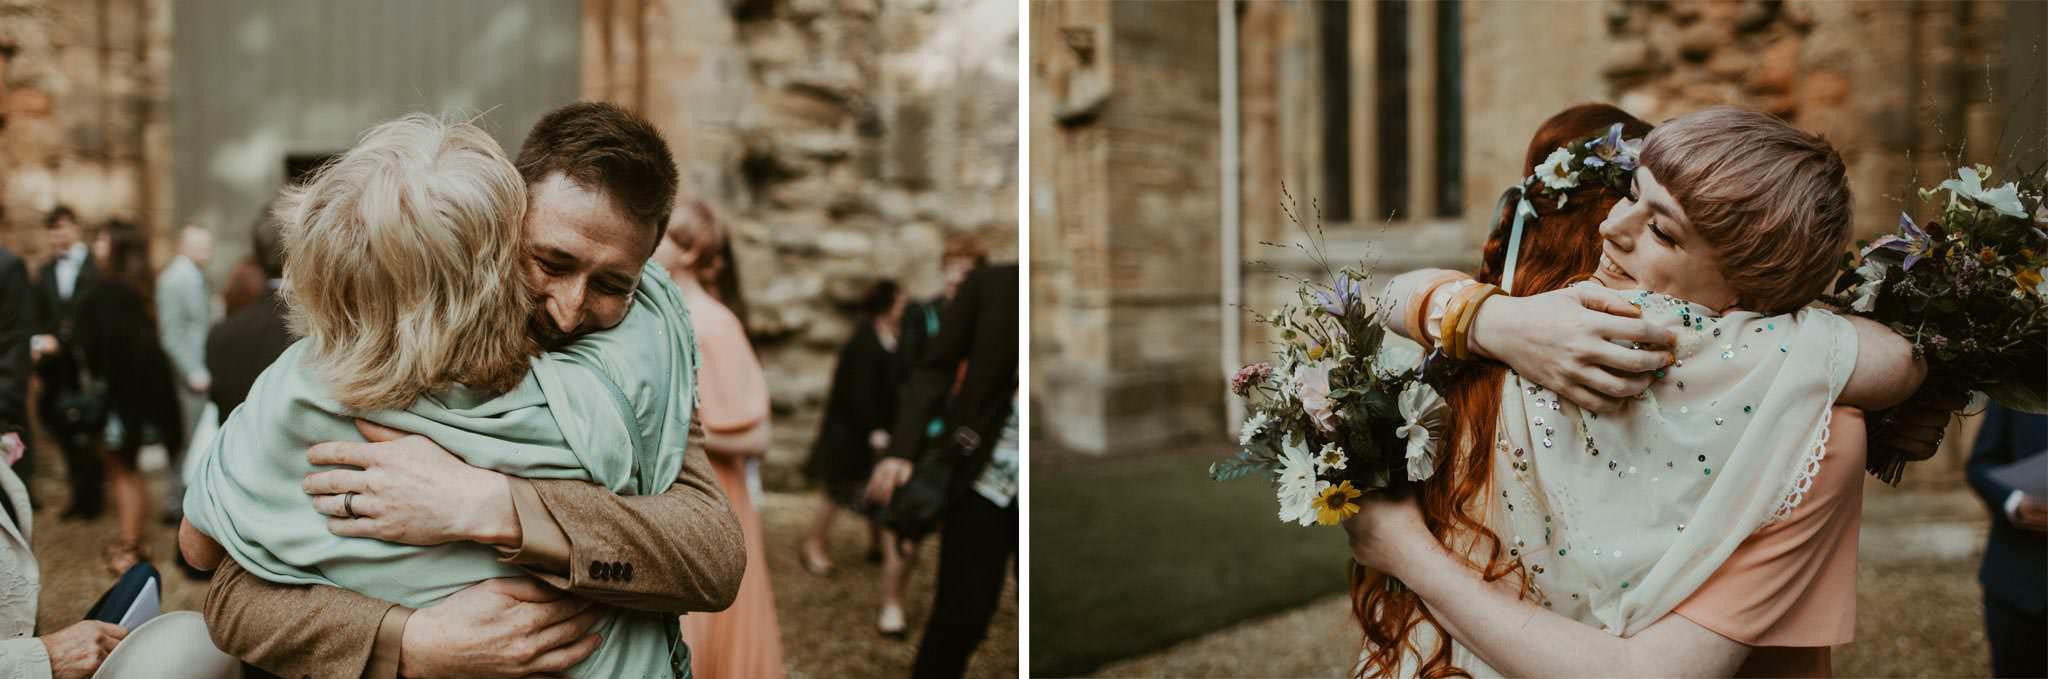 scottish-wedding-photography-076